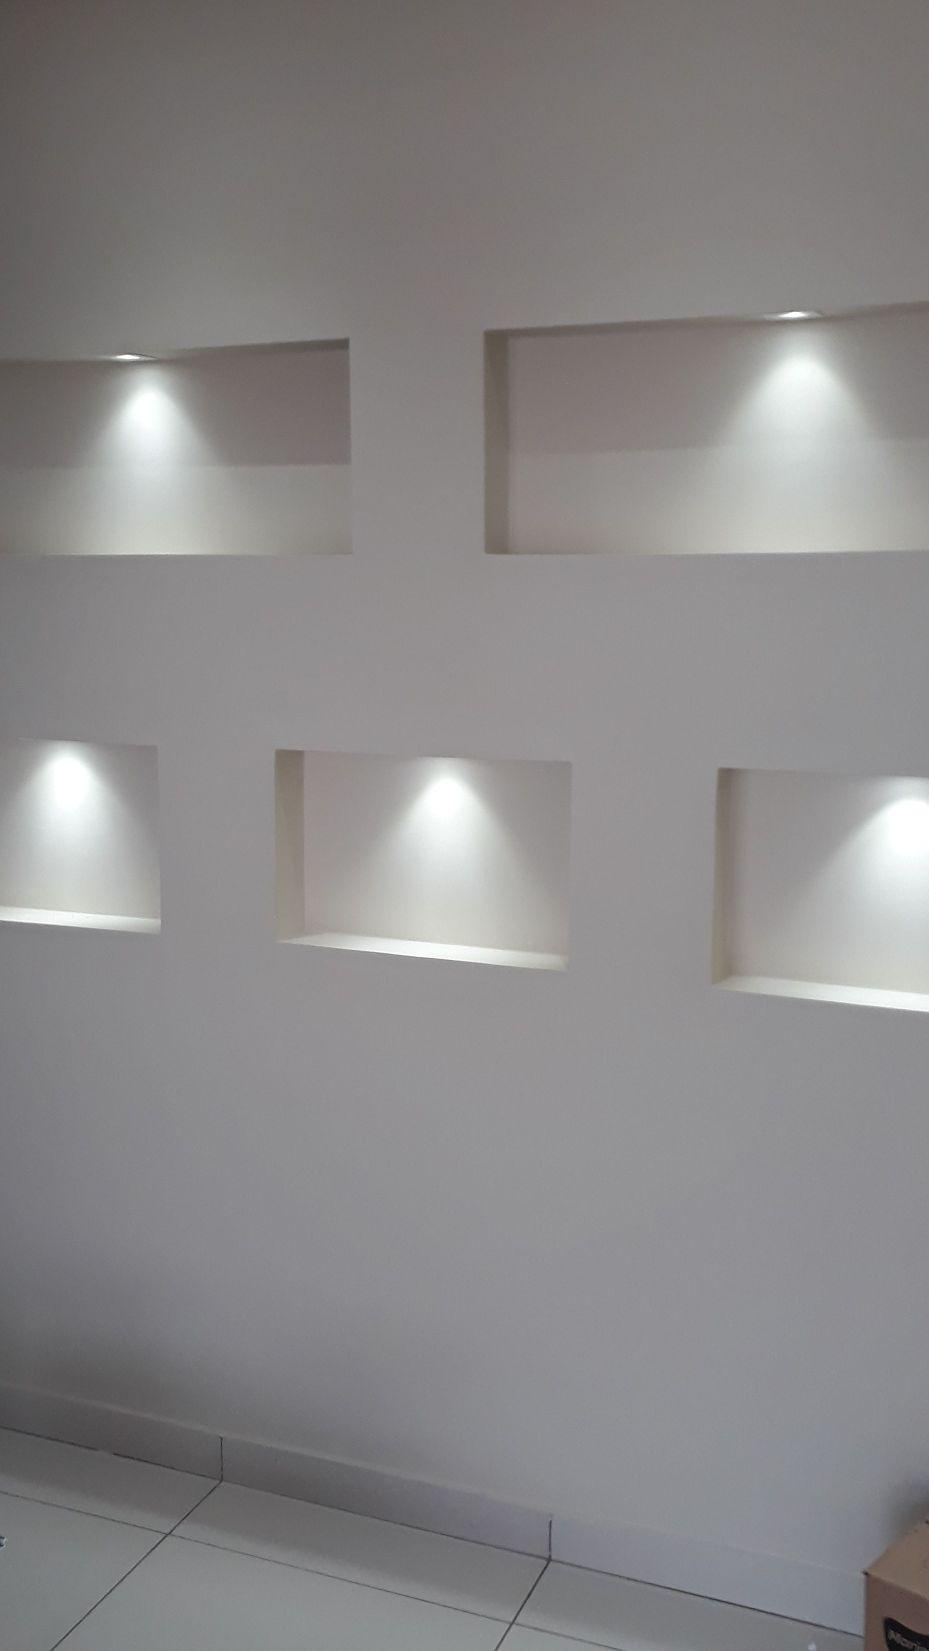 nichos com iluminação